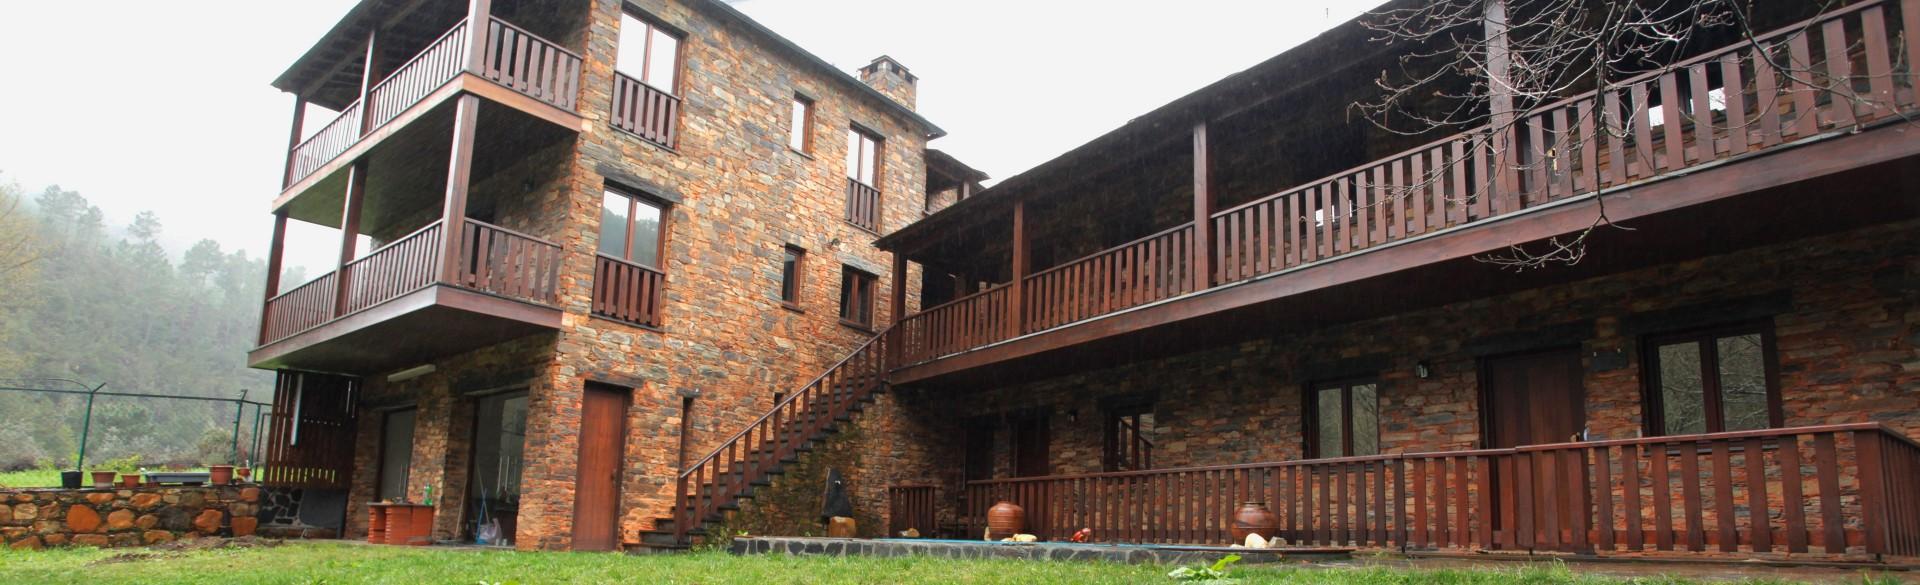 Casas do Rio